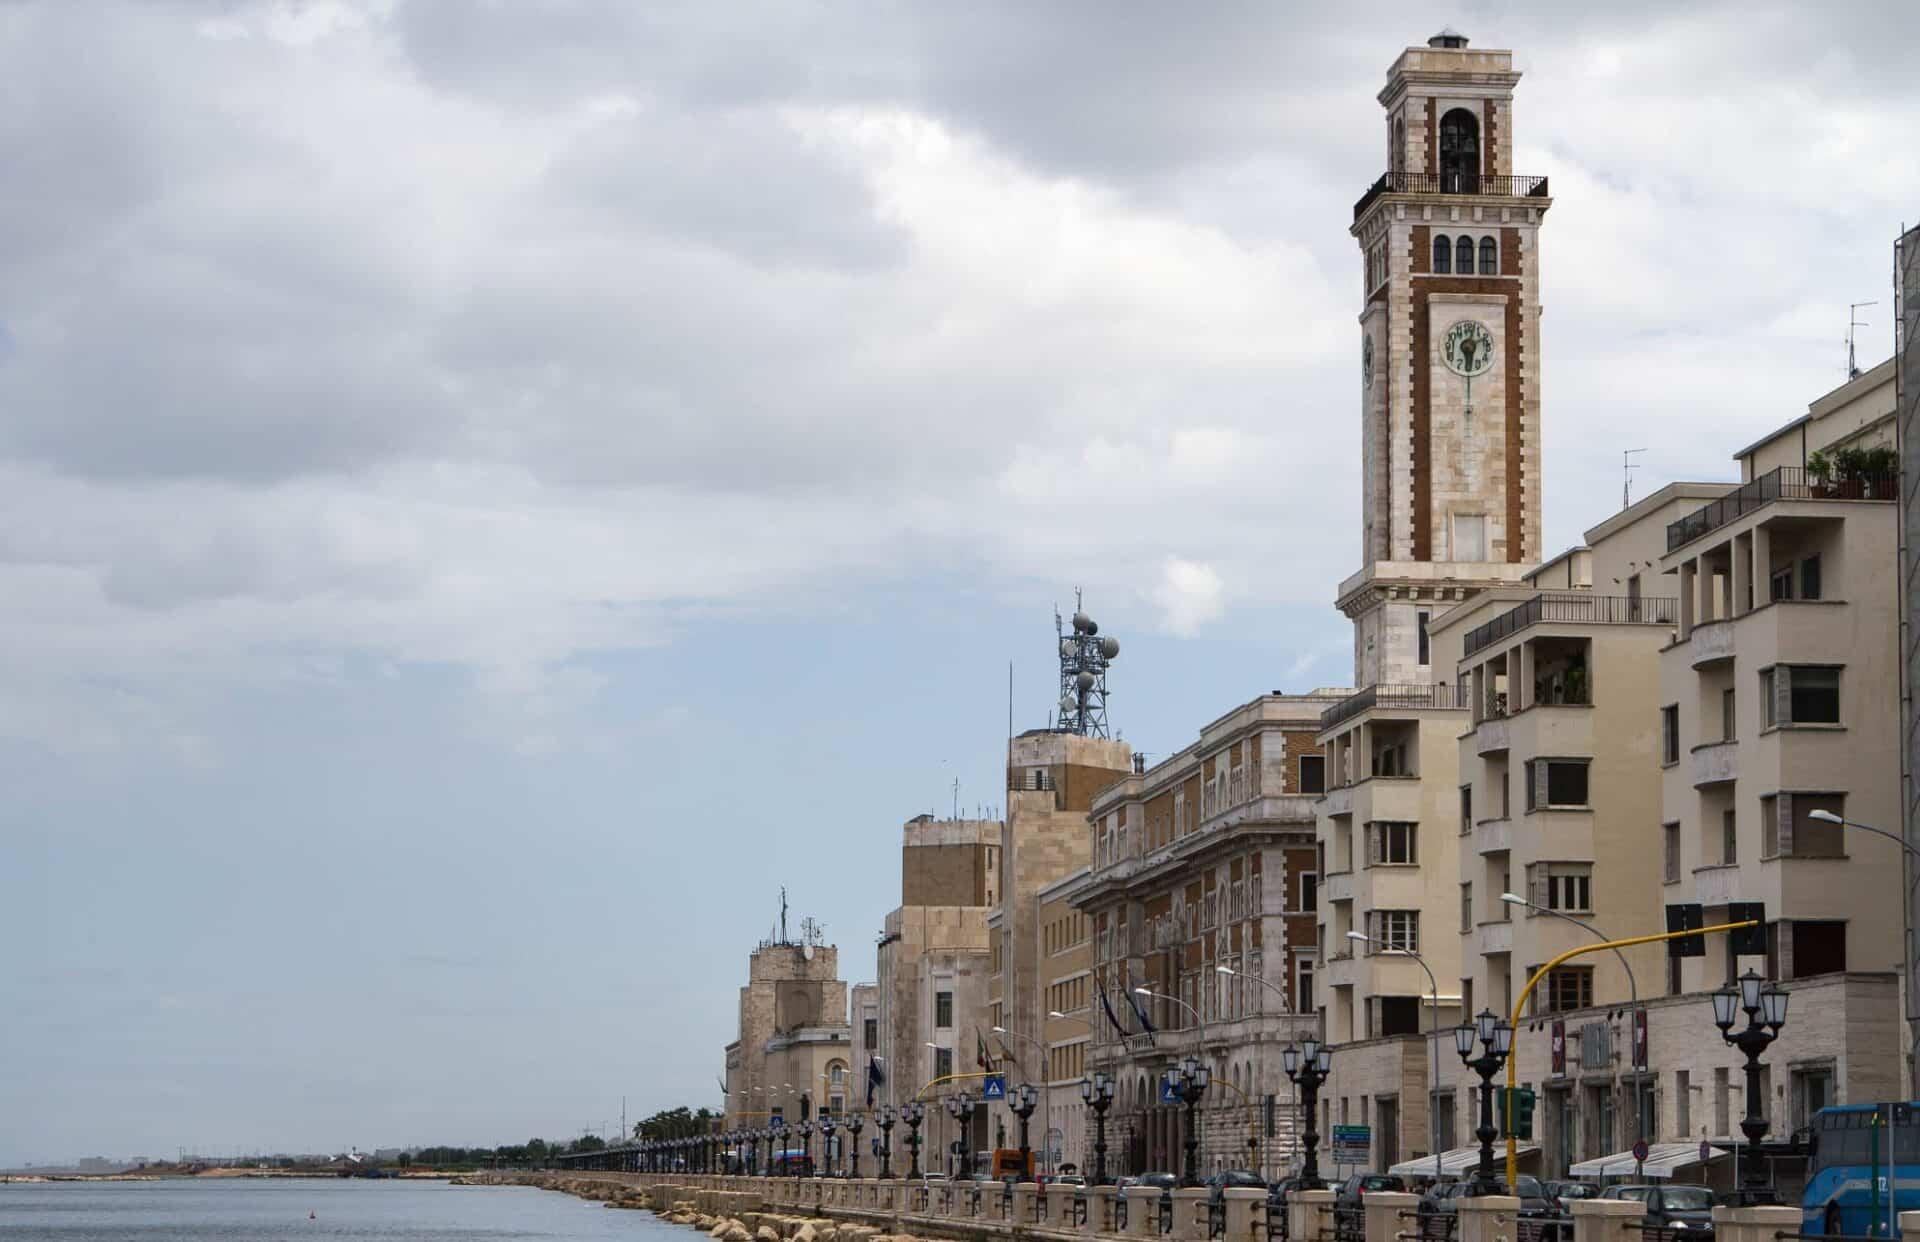 Pinacoteca metropolitana di Bari